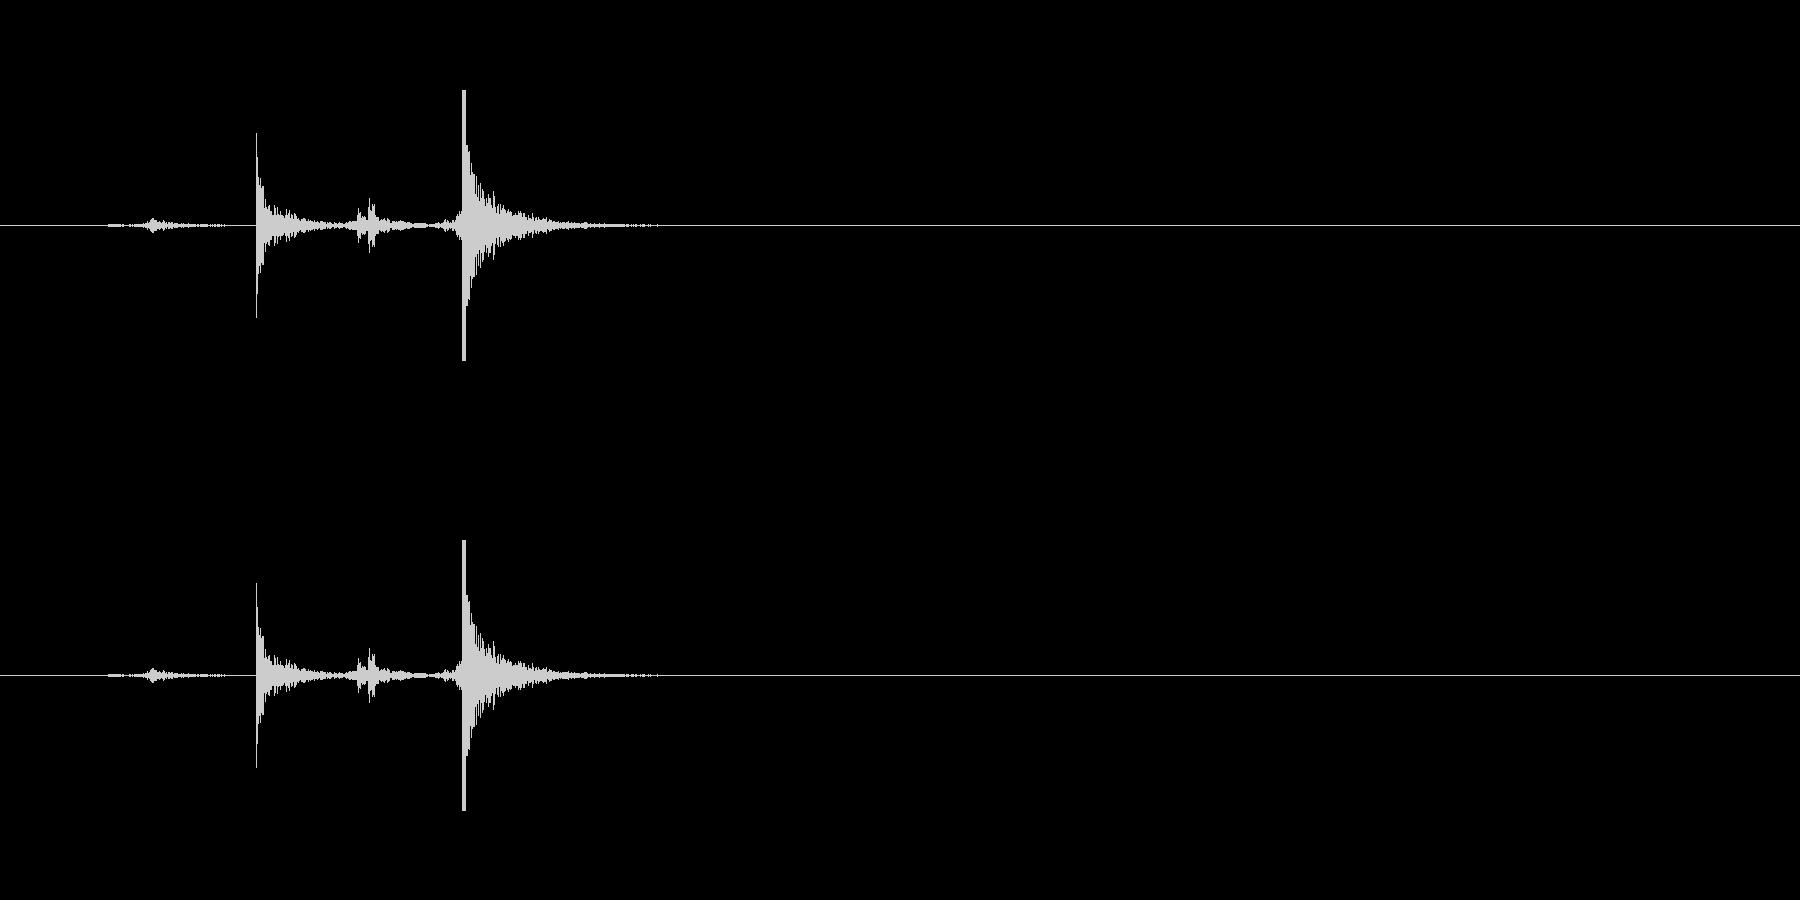 【筆箱01-4(閉じる)】の未再生の波形